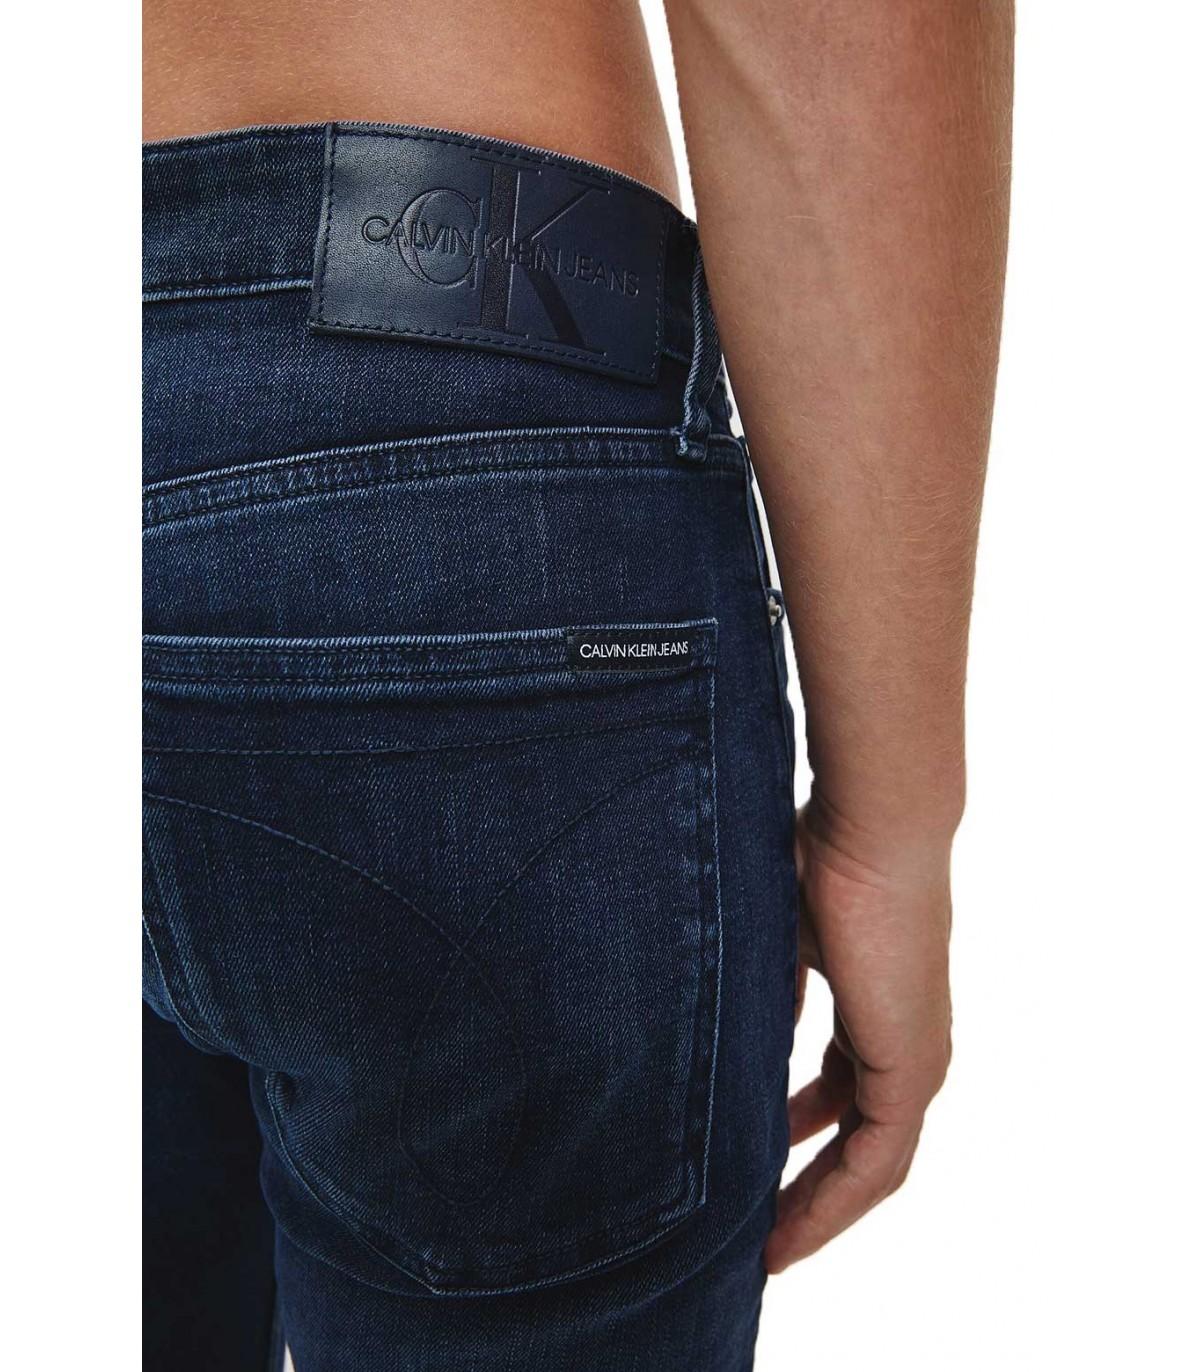 Pantalon Vaquero Calvin Klein Para Hombre Skinny Azul Oscuro Ckj 016